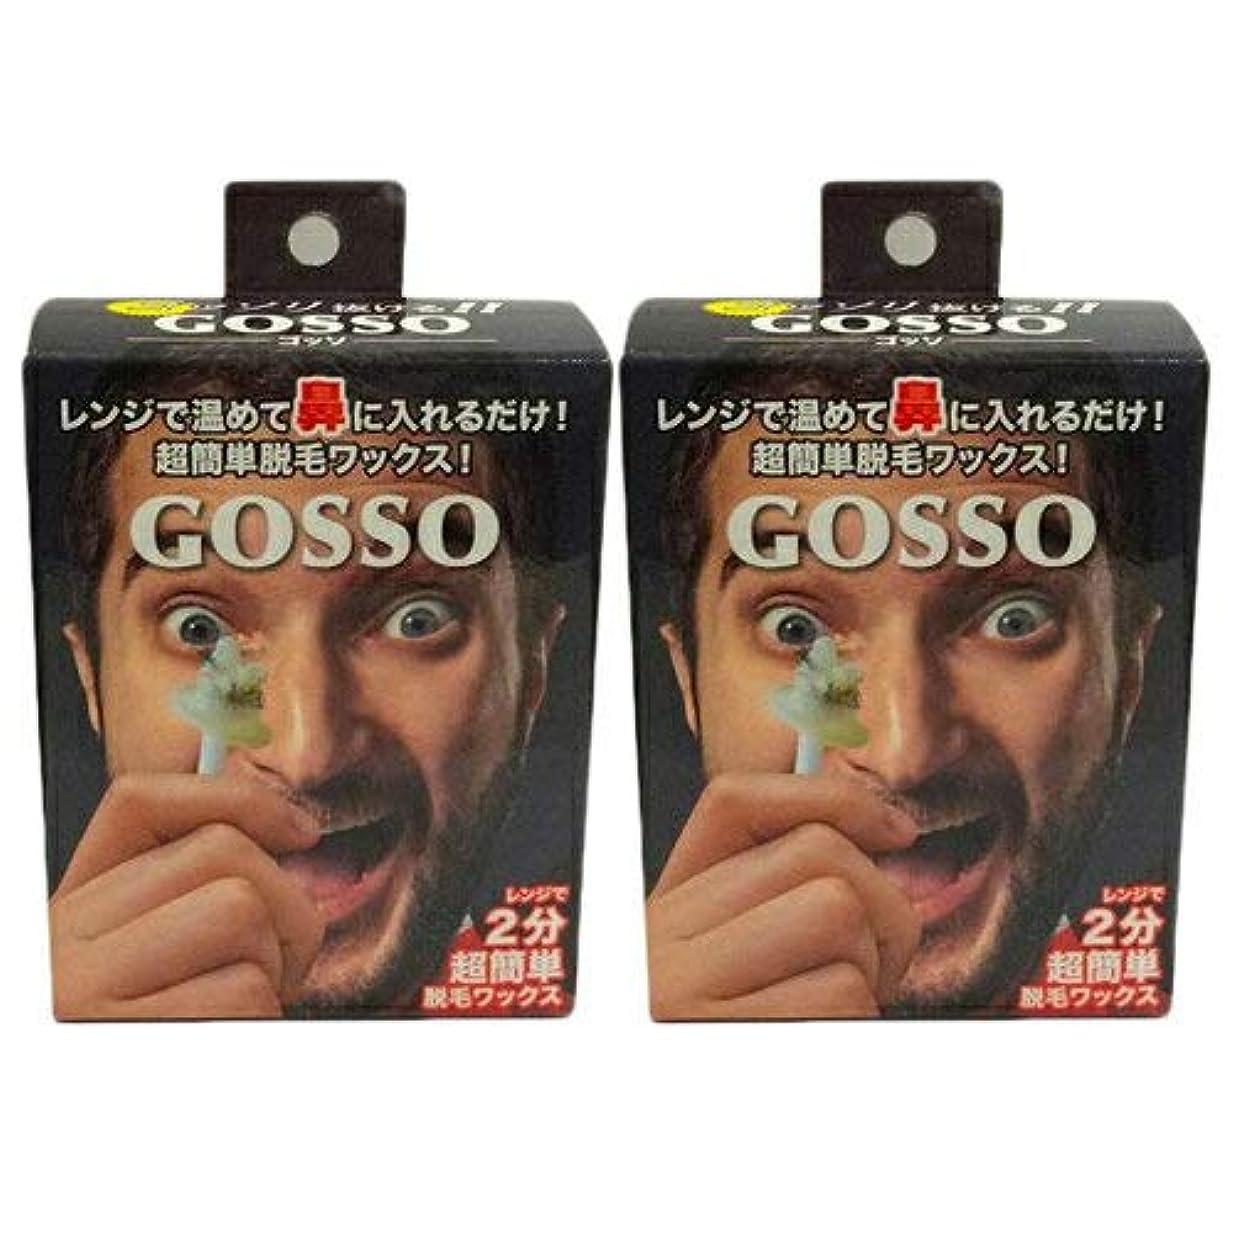 審判大事にするフォージGOSSO  2箱セット